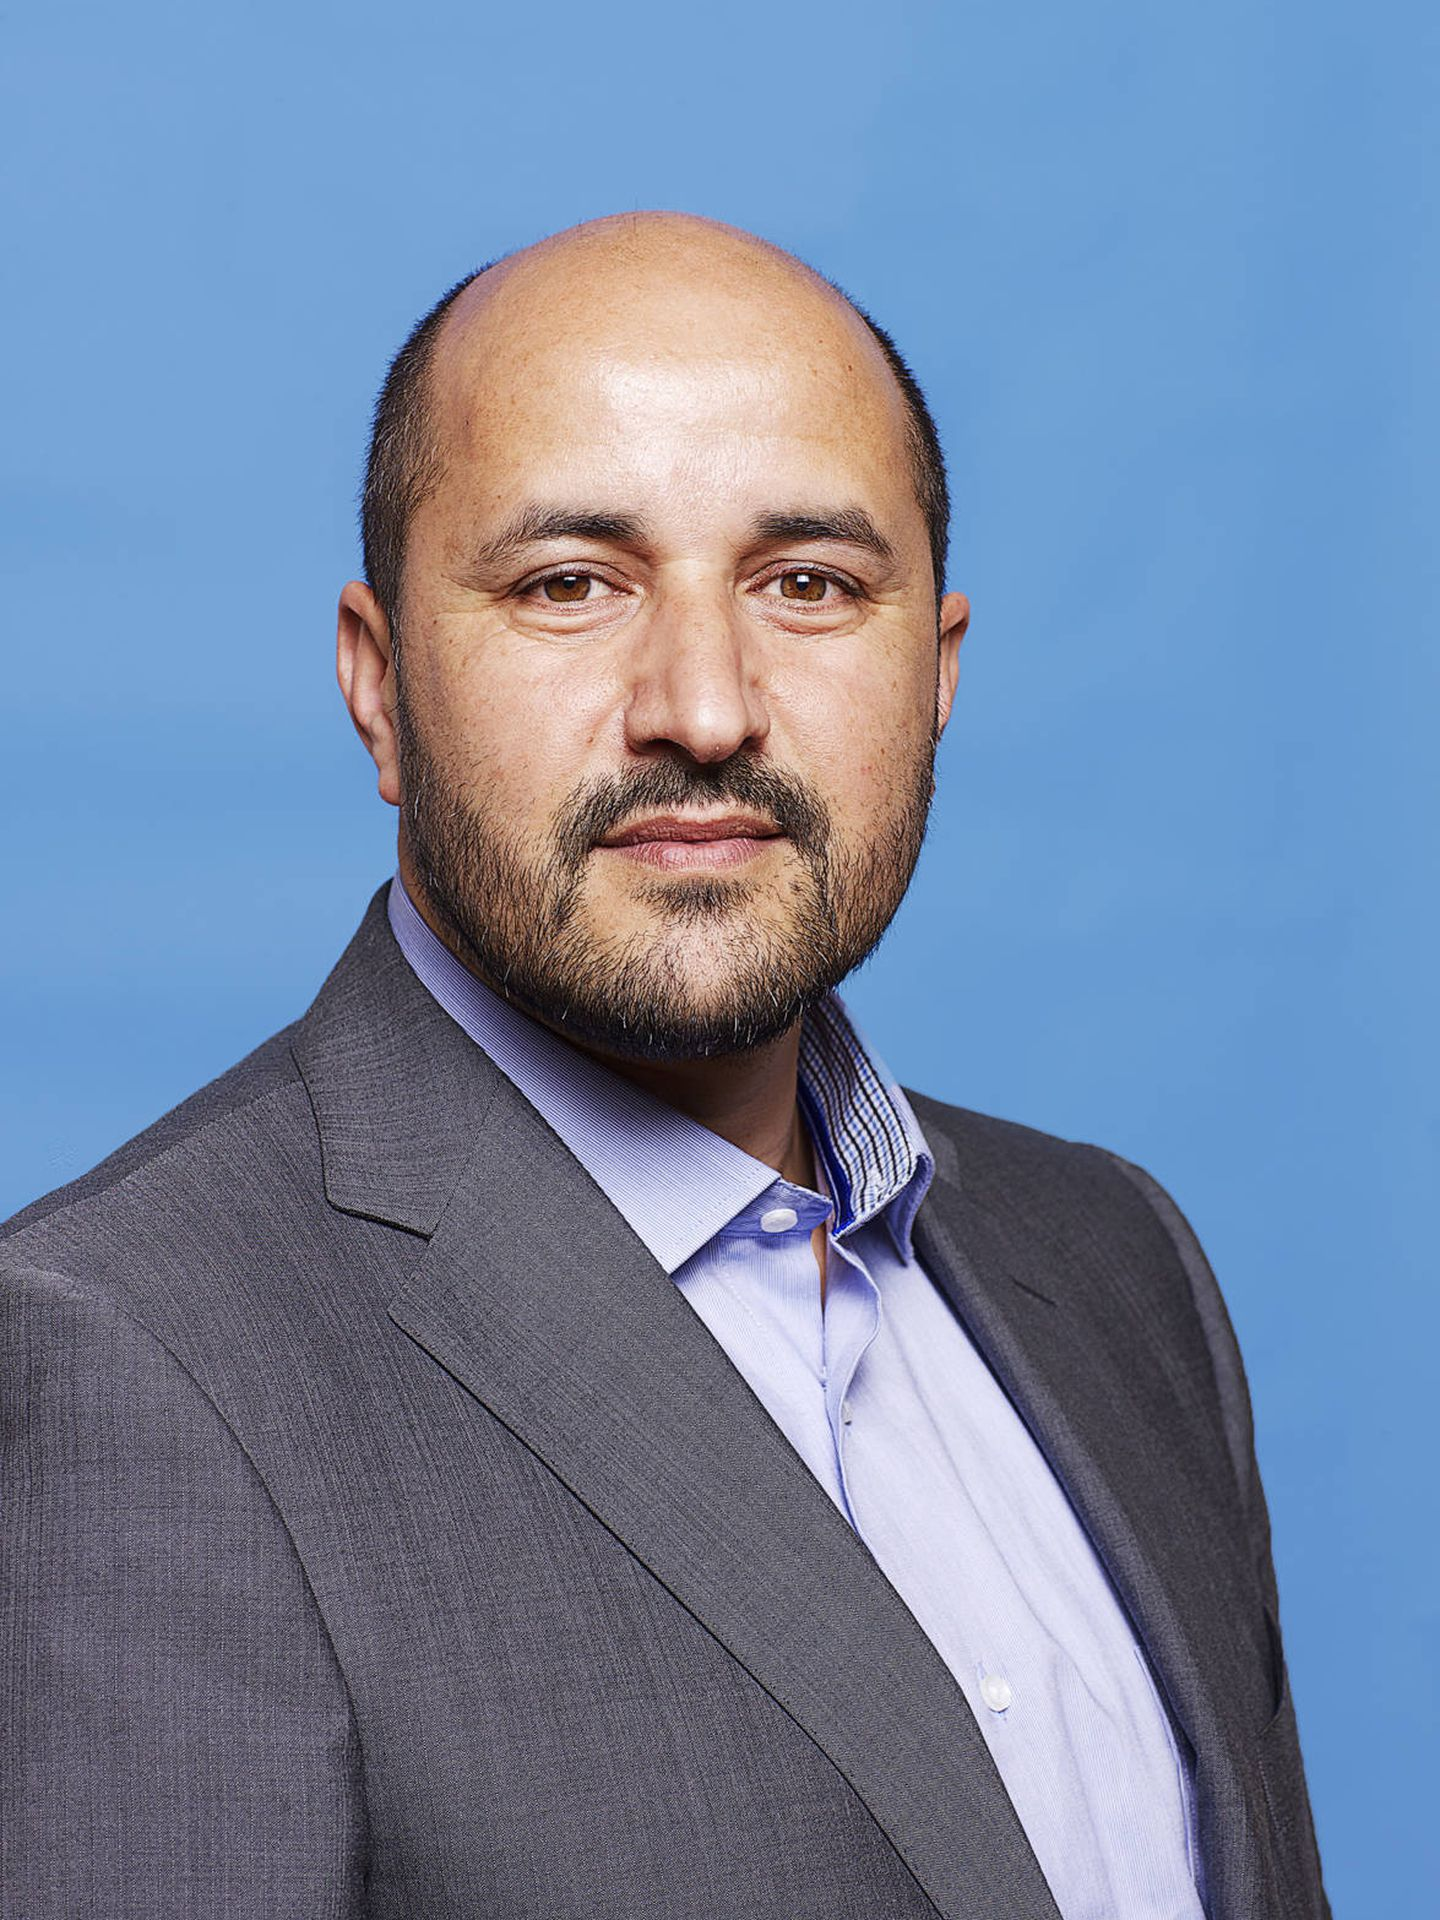 El político holandés de origen marroquí Ahmed Marcouch. (Wikimedia Commons)